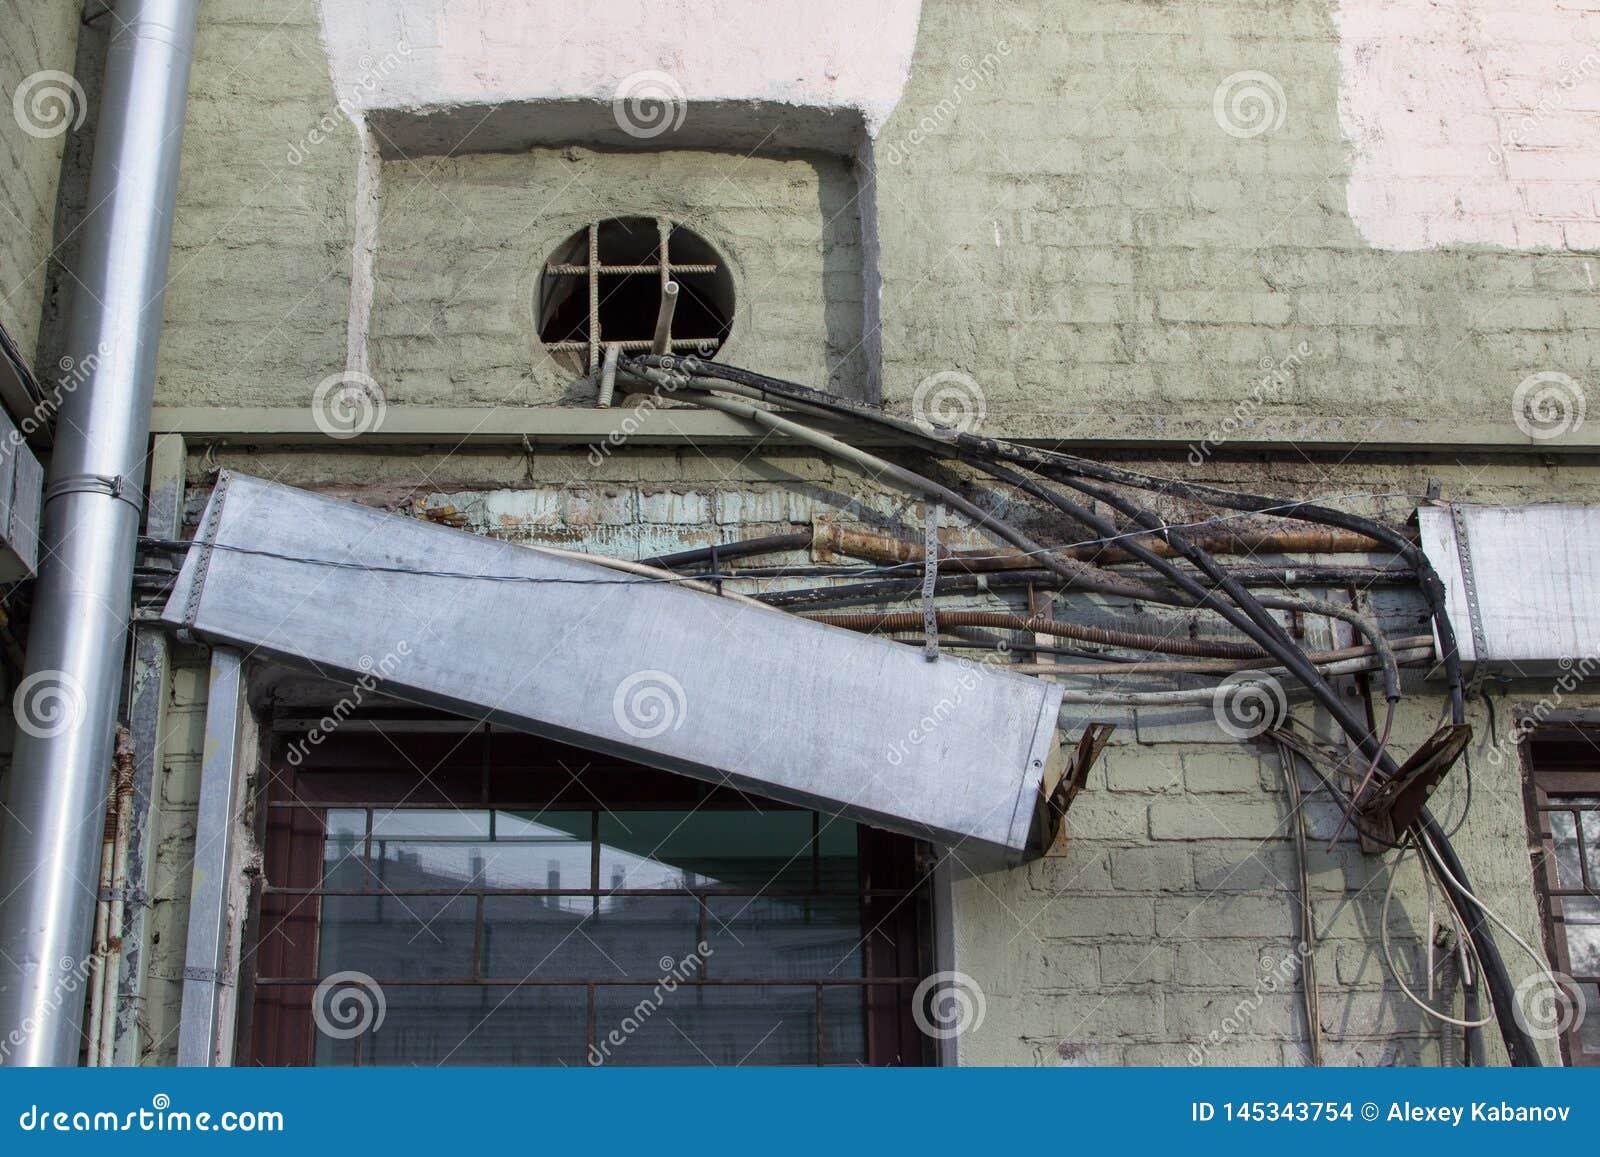 Alte verwirrte Drähte - elektrisch, Telefon, Antenne, Computer, Netz auf der Wand eines verfallenen Hauses mit unterschiedlichen